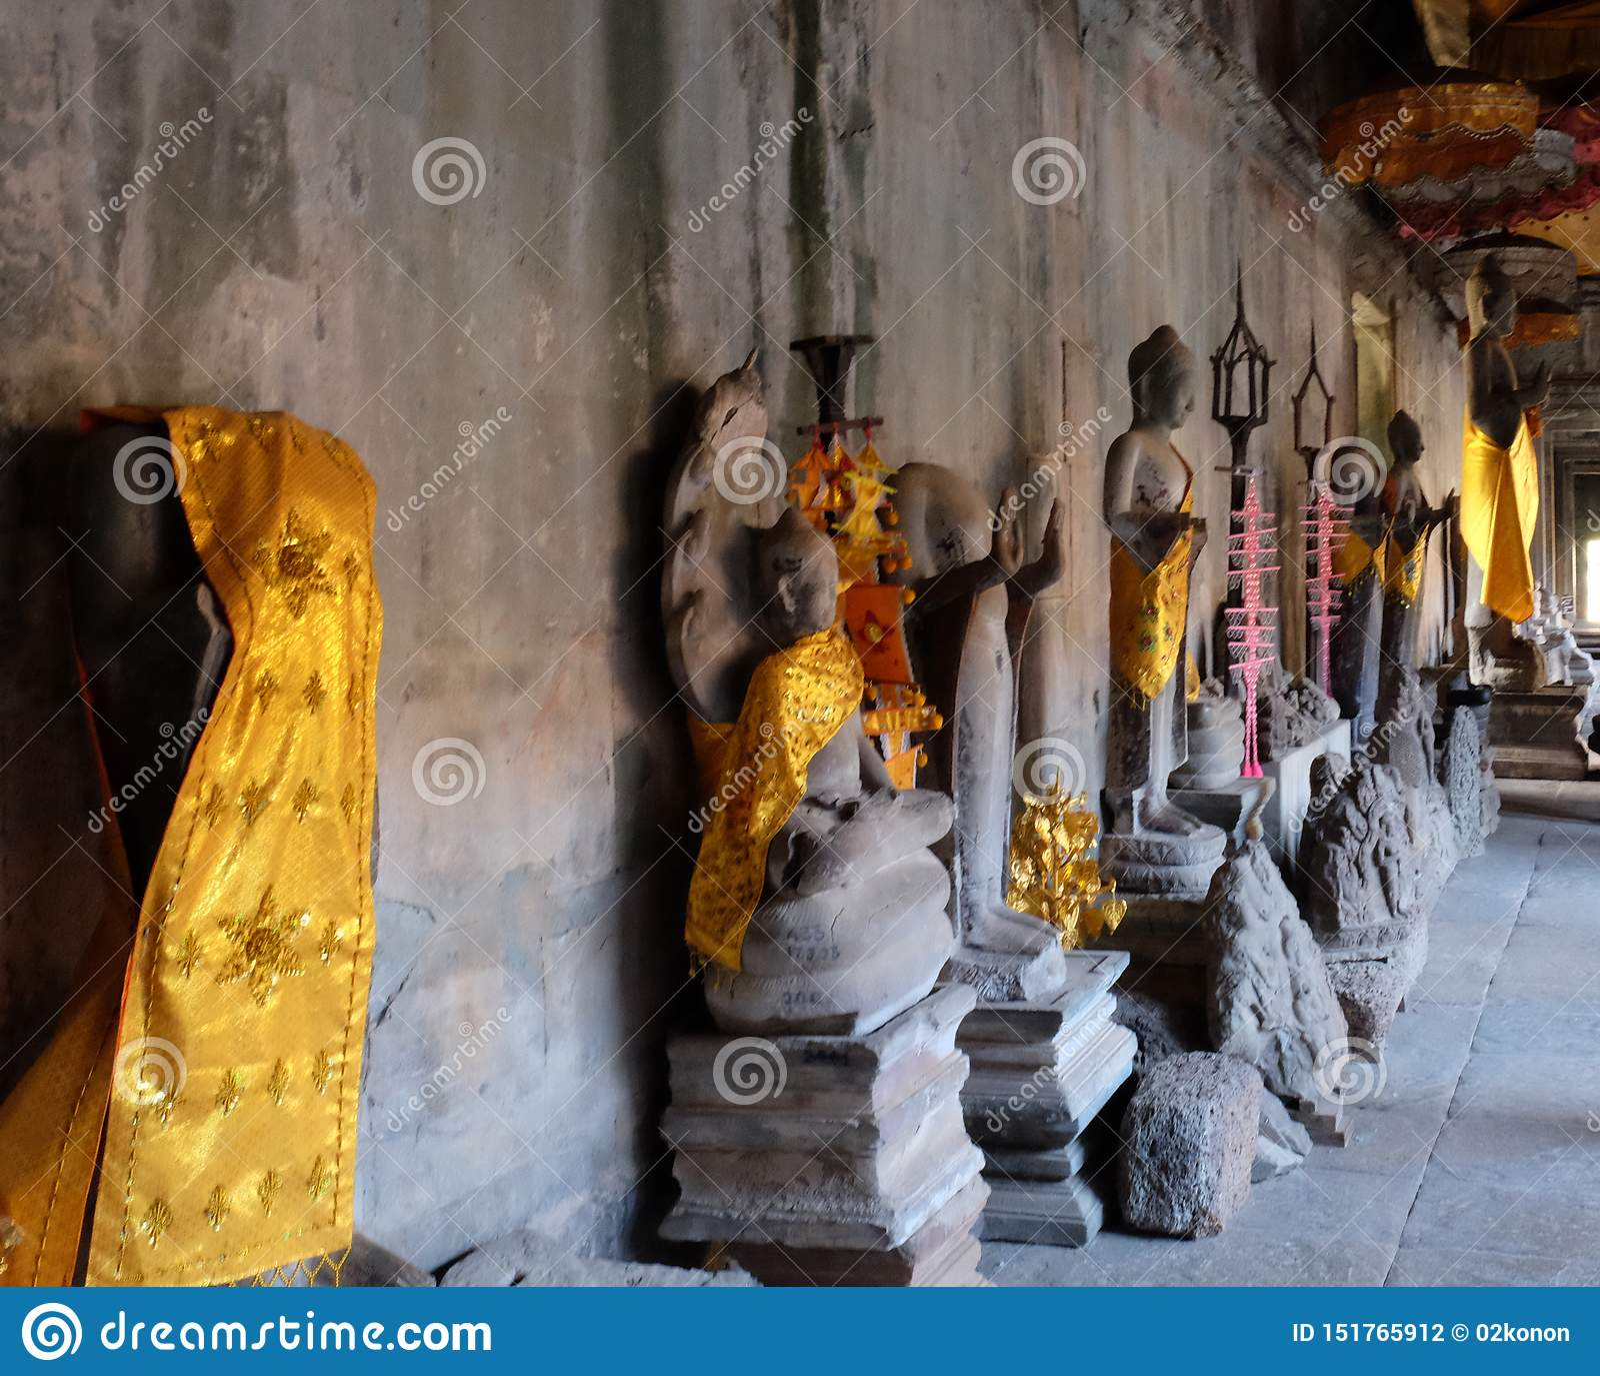 De standbeelden van Boedha in gouden robes bevinden zich langs de muren van een oude tempel Een plaats van godsdienstige verering